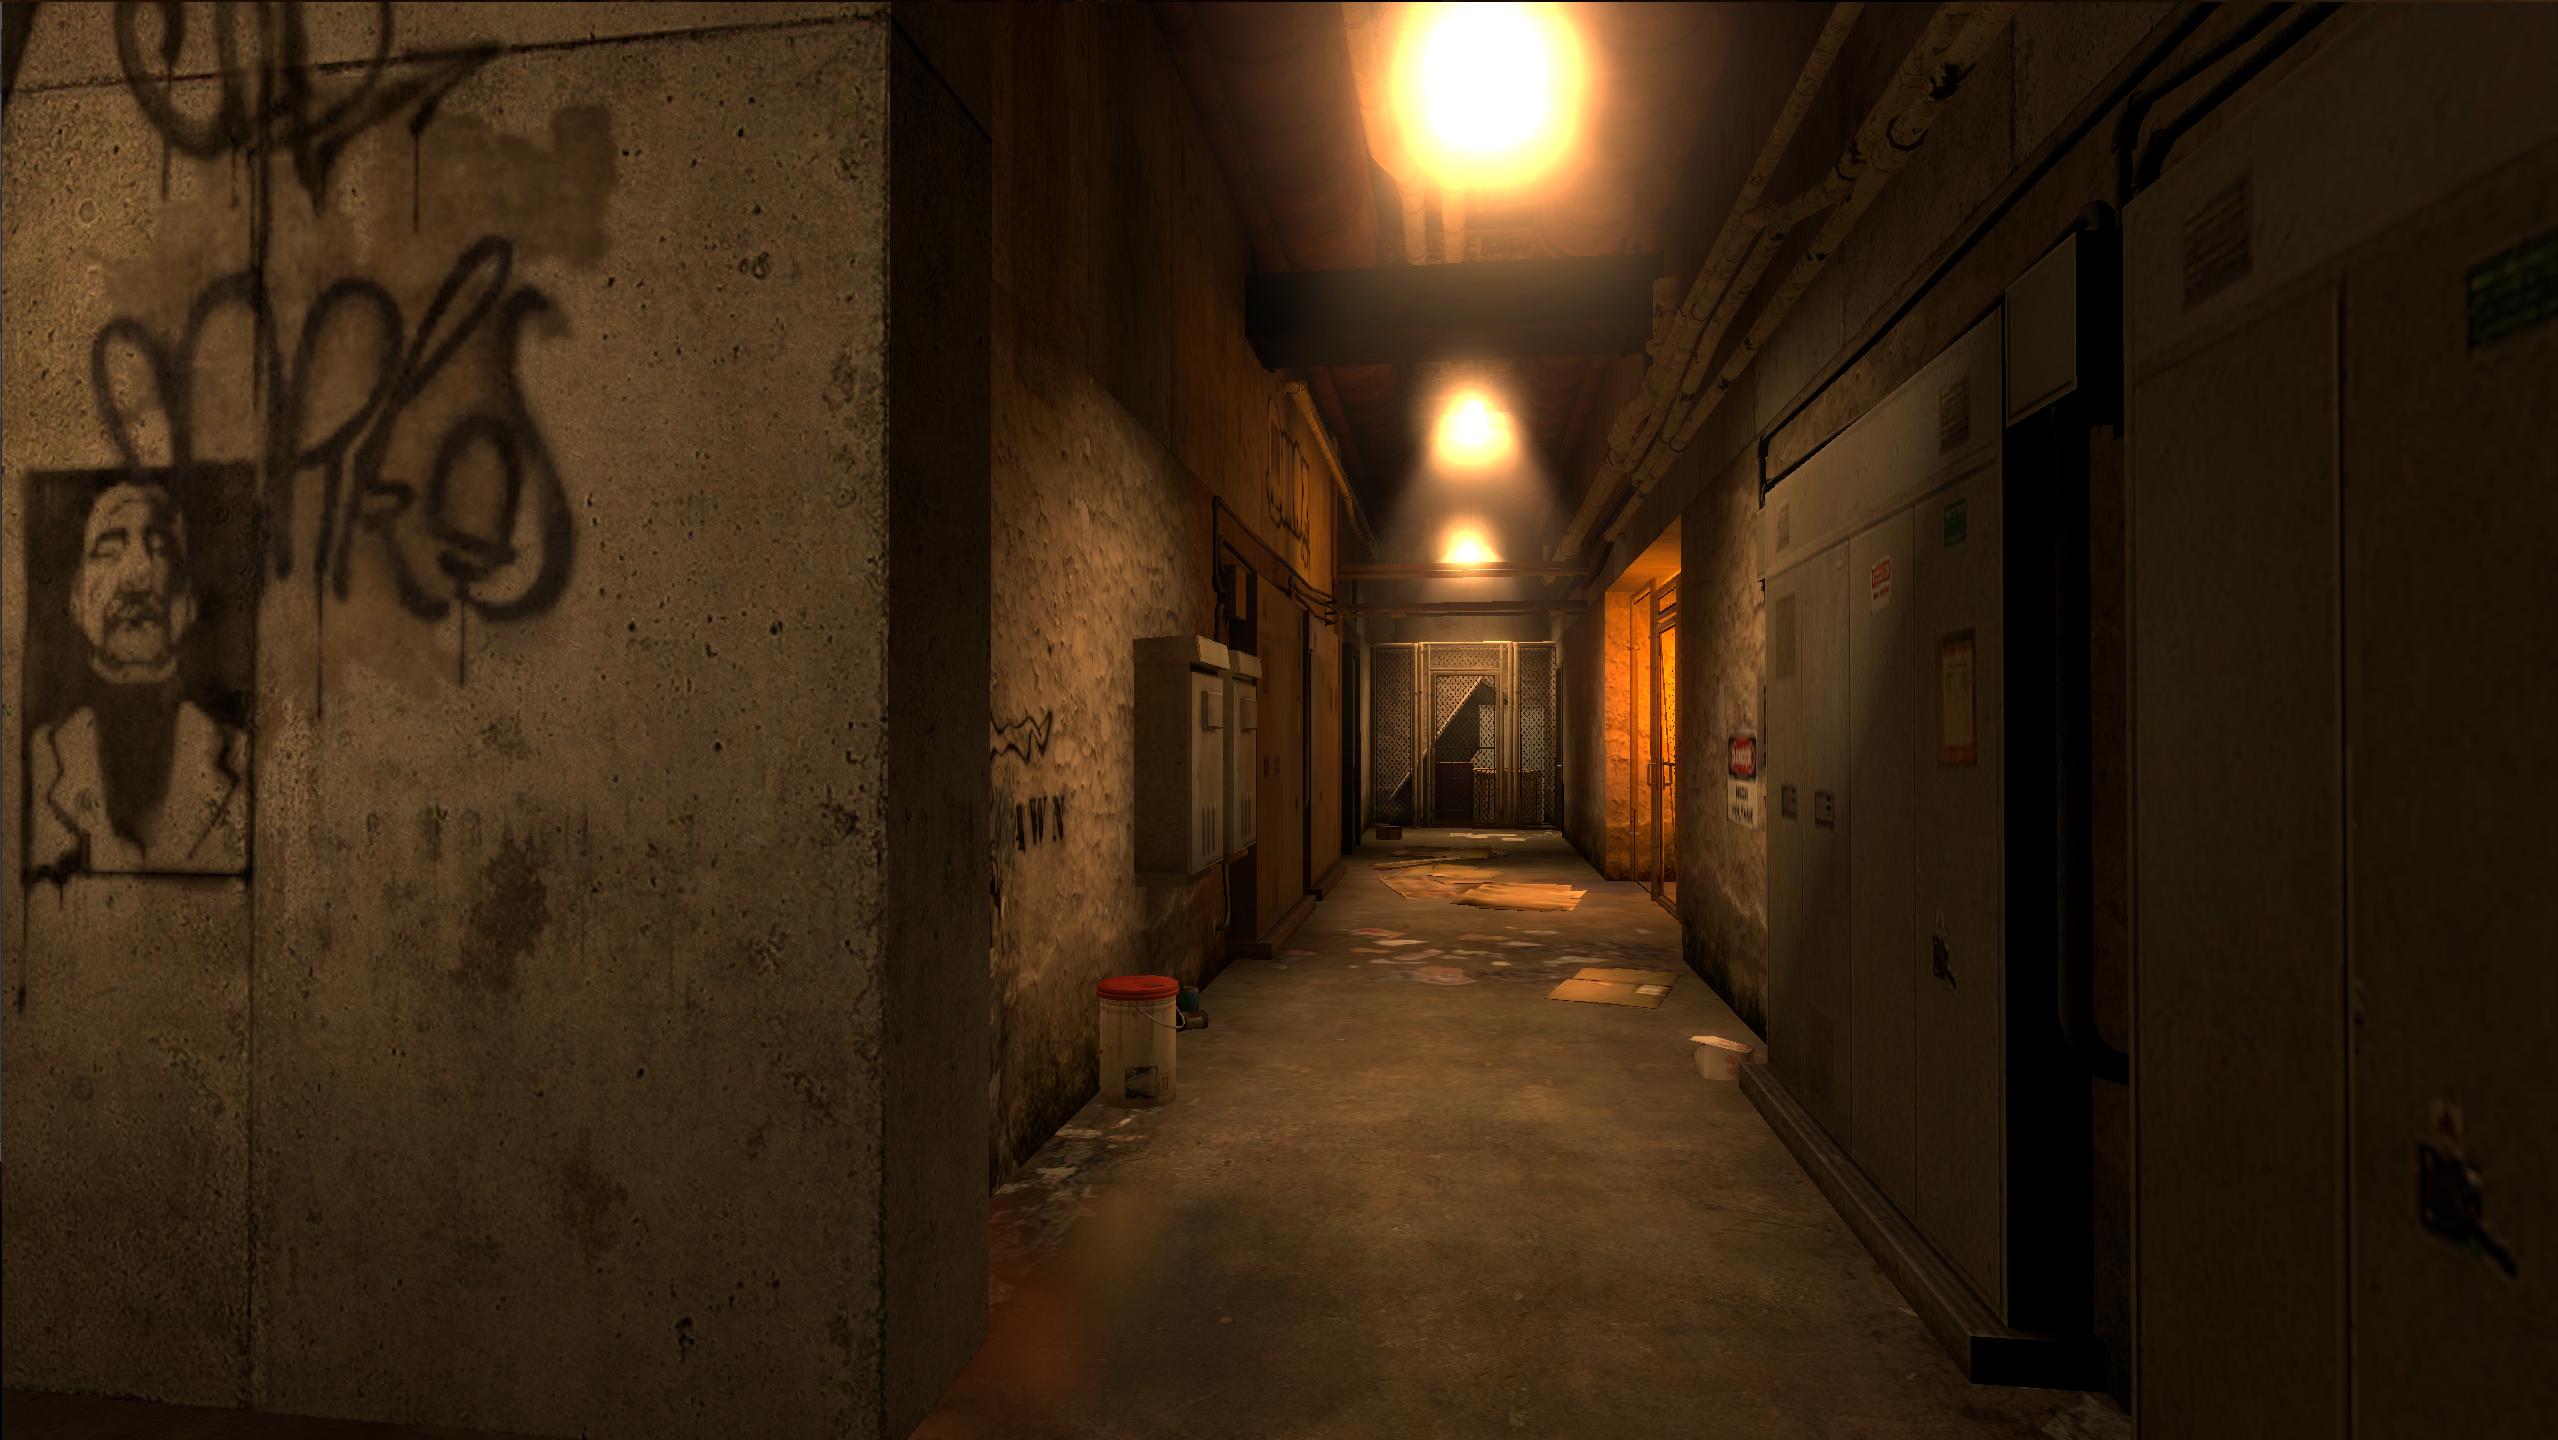 Initiation Corridors